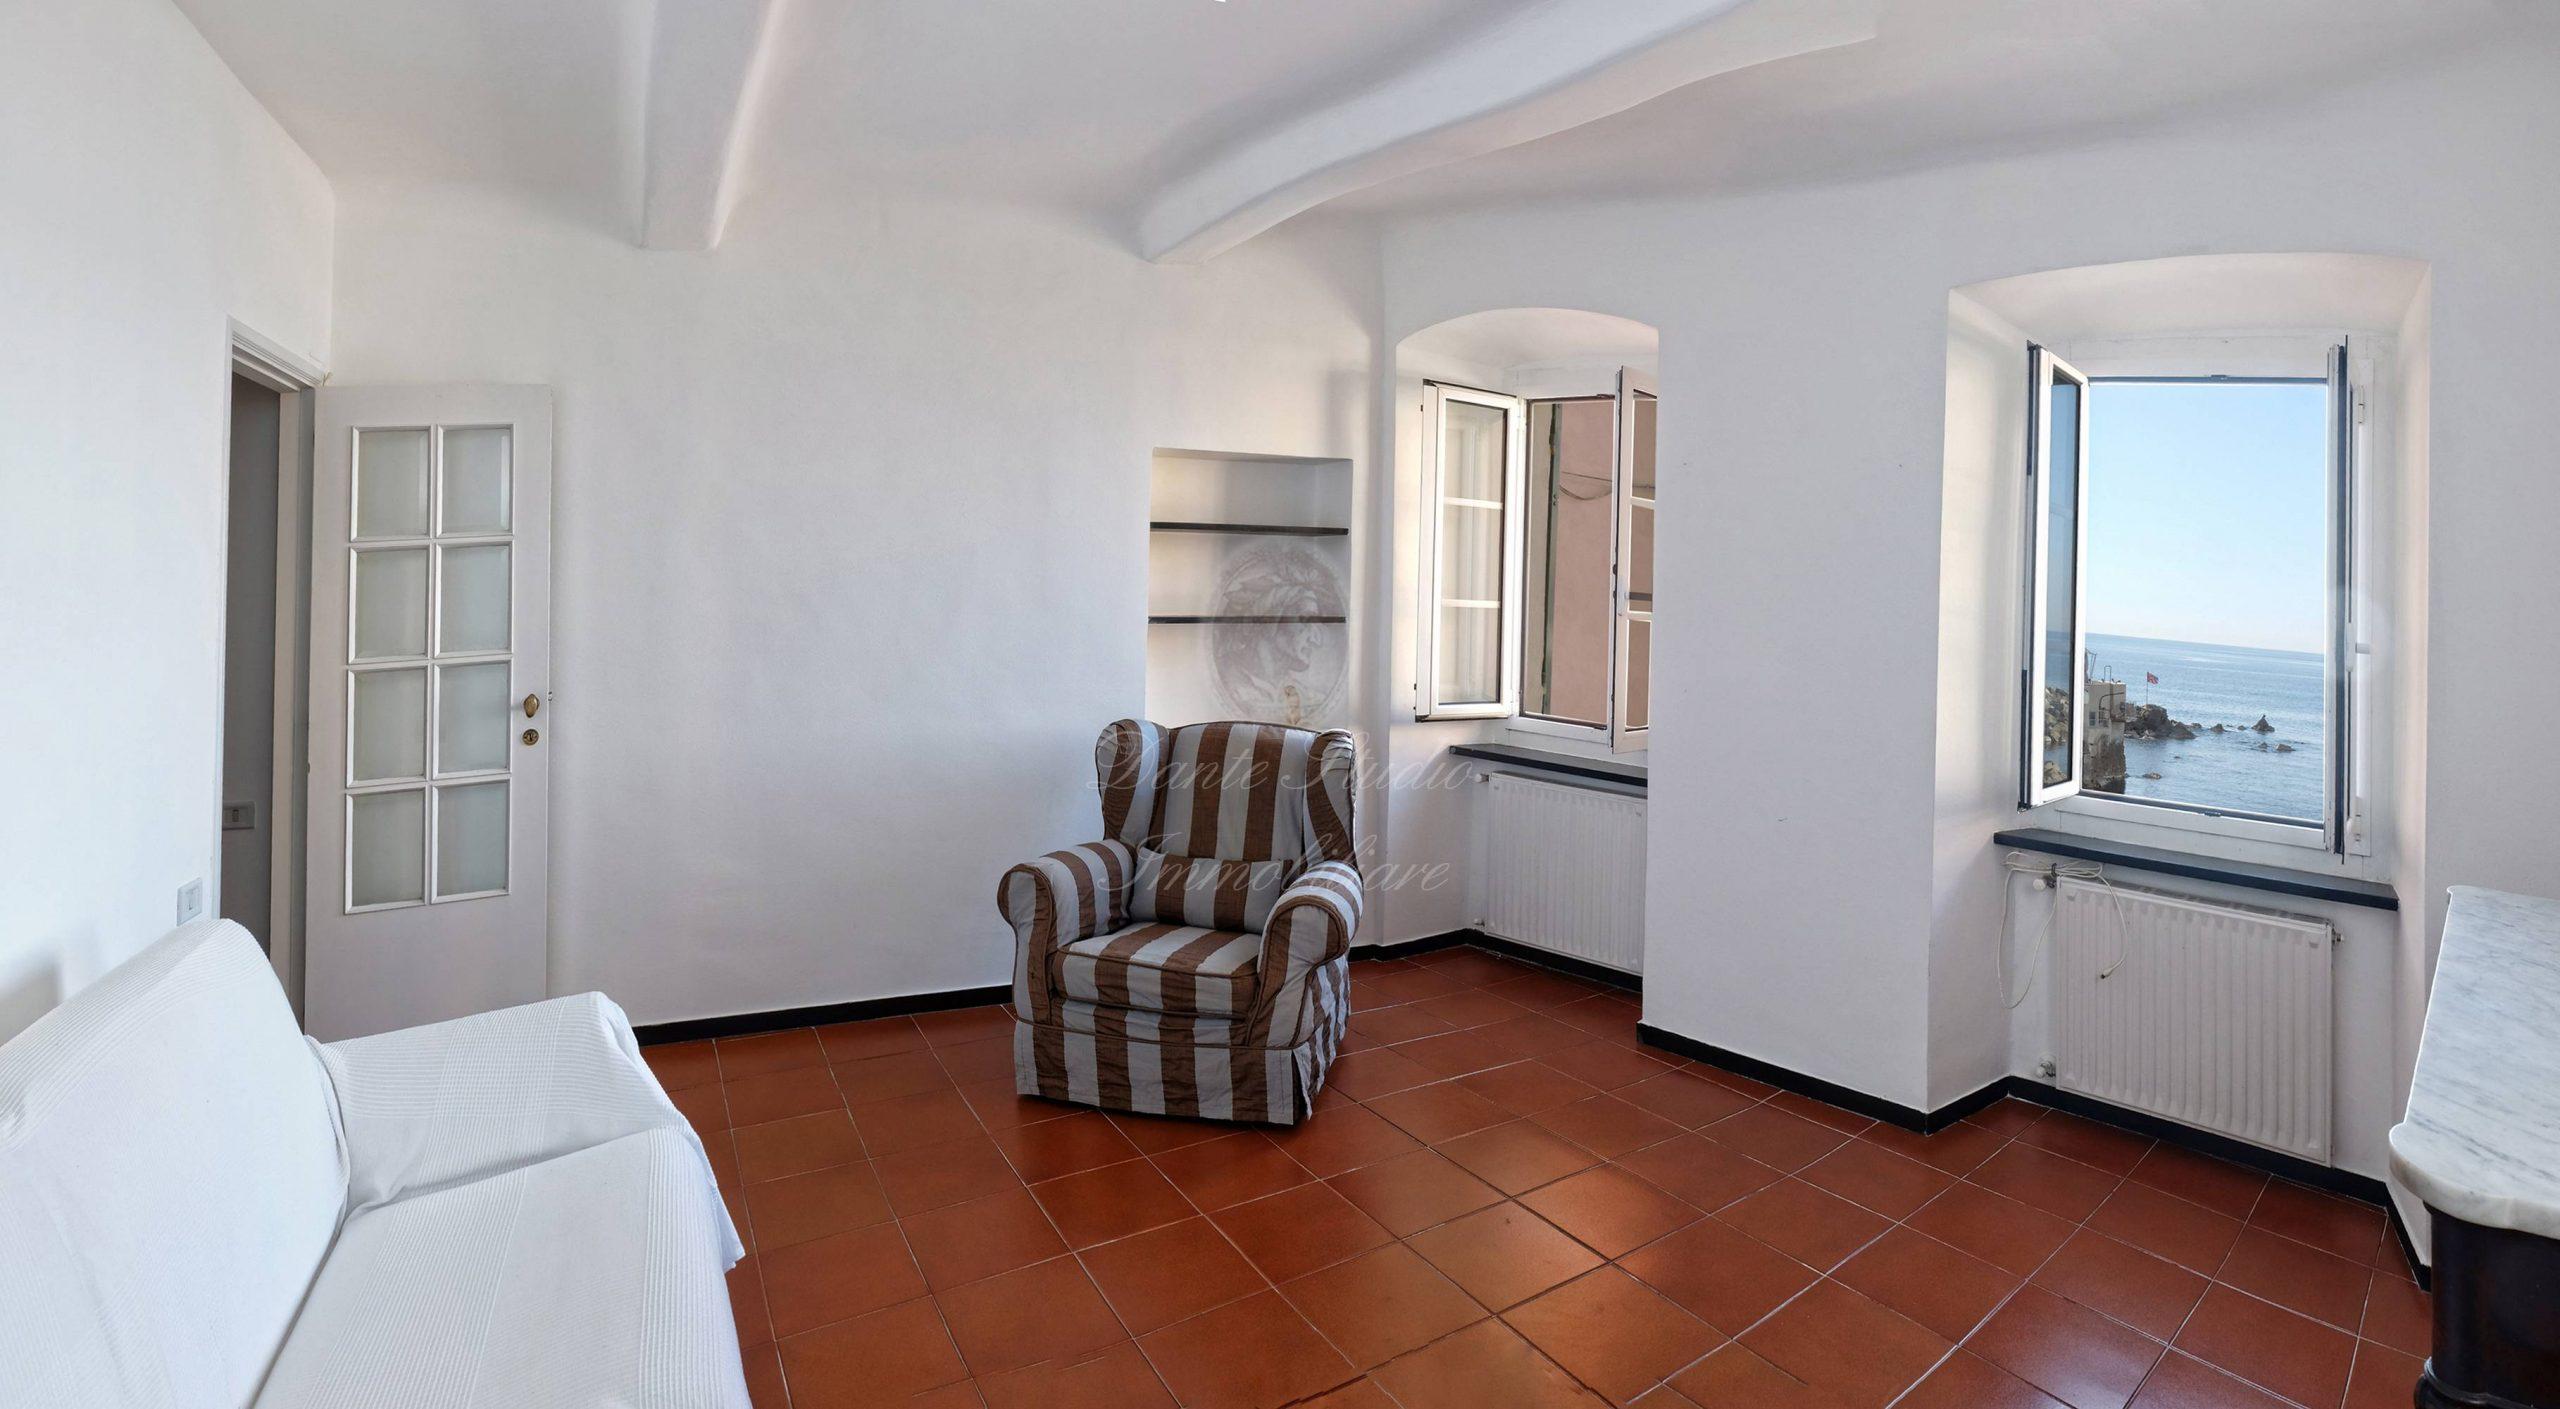 Borgo di Boccadasse immobile 100 mq  da amatore